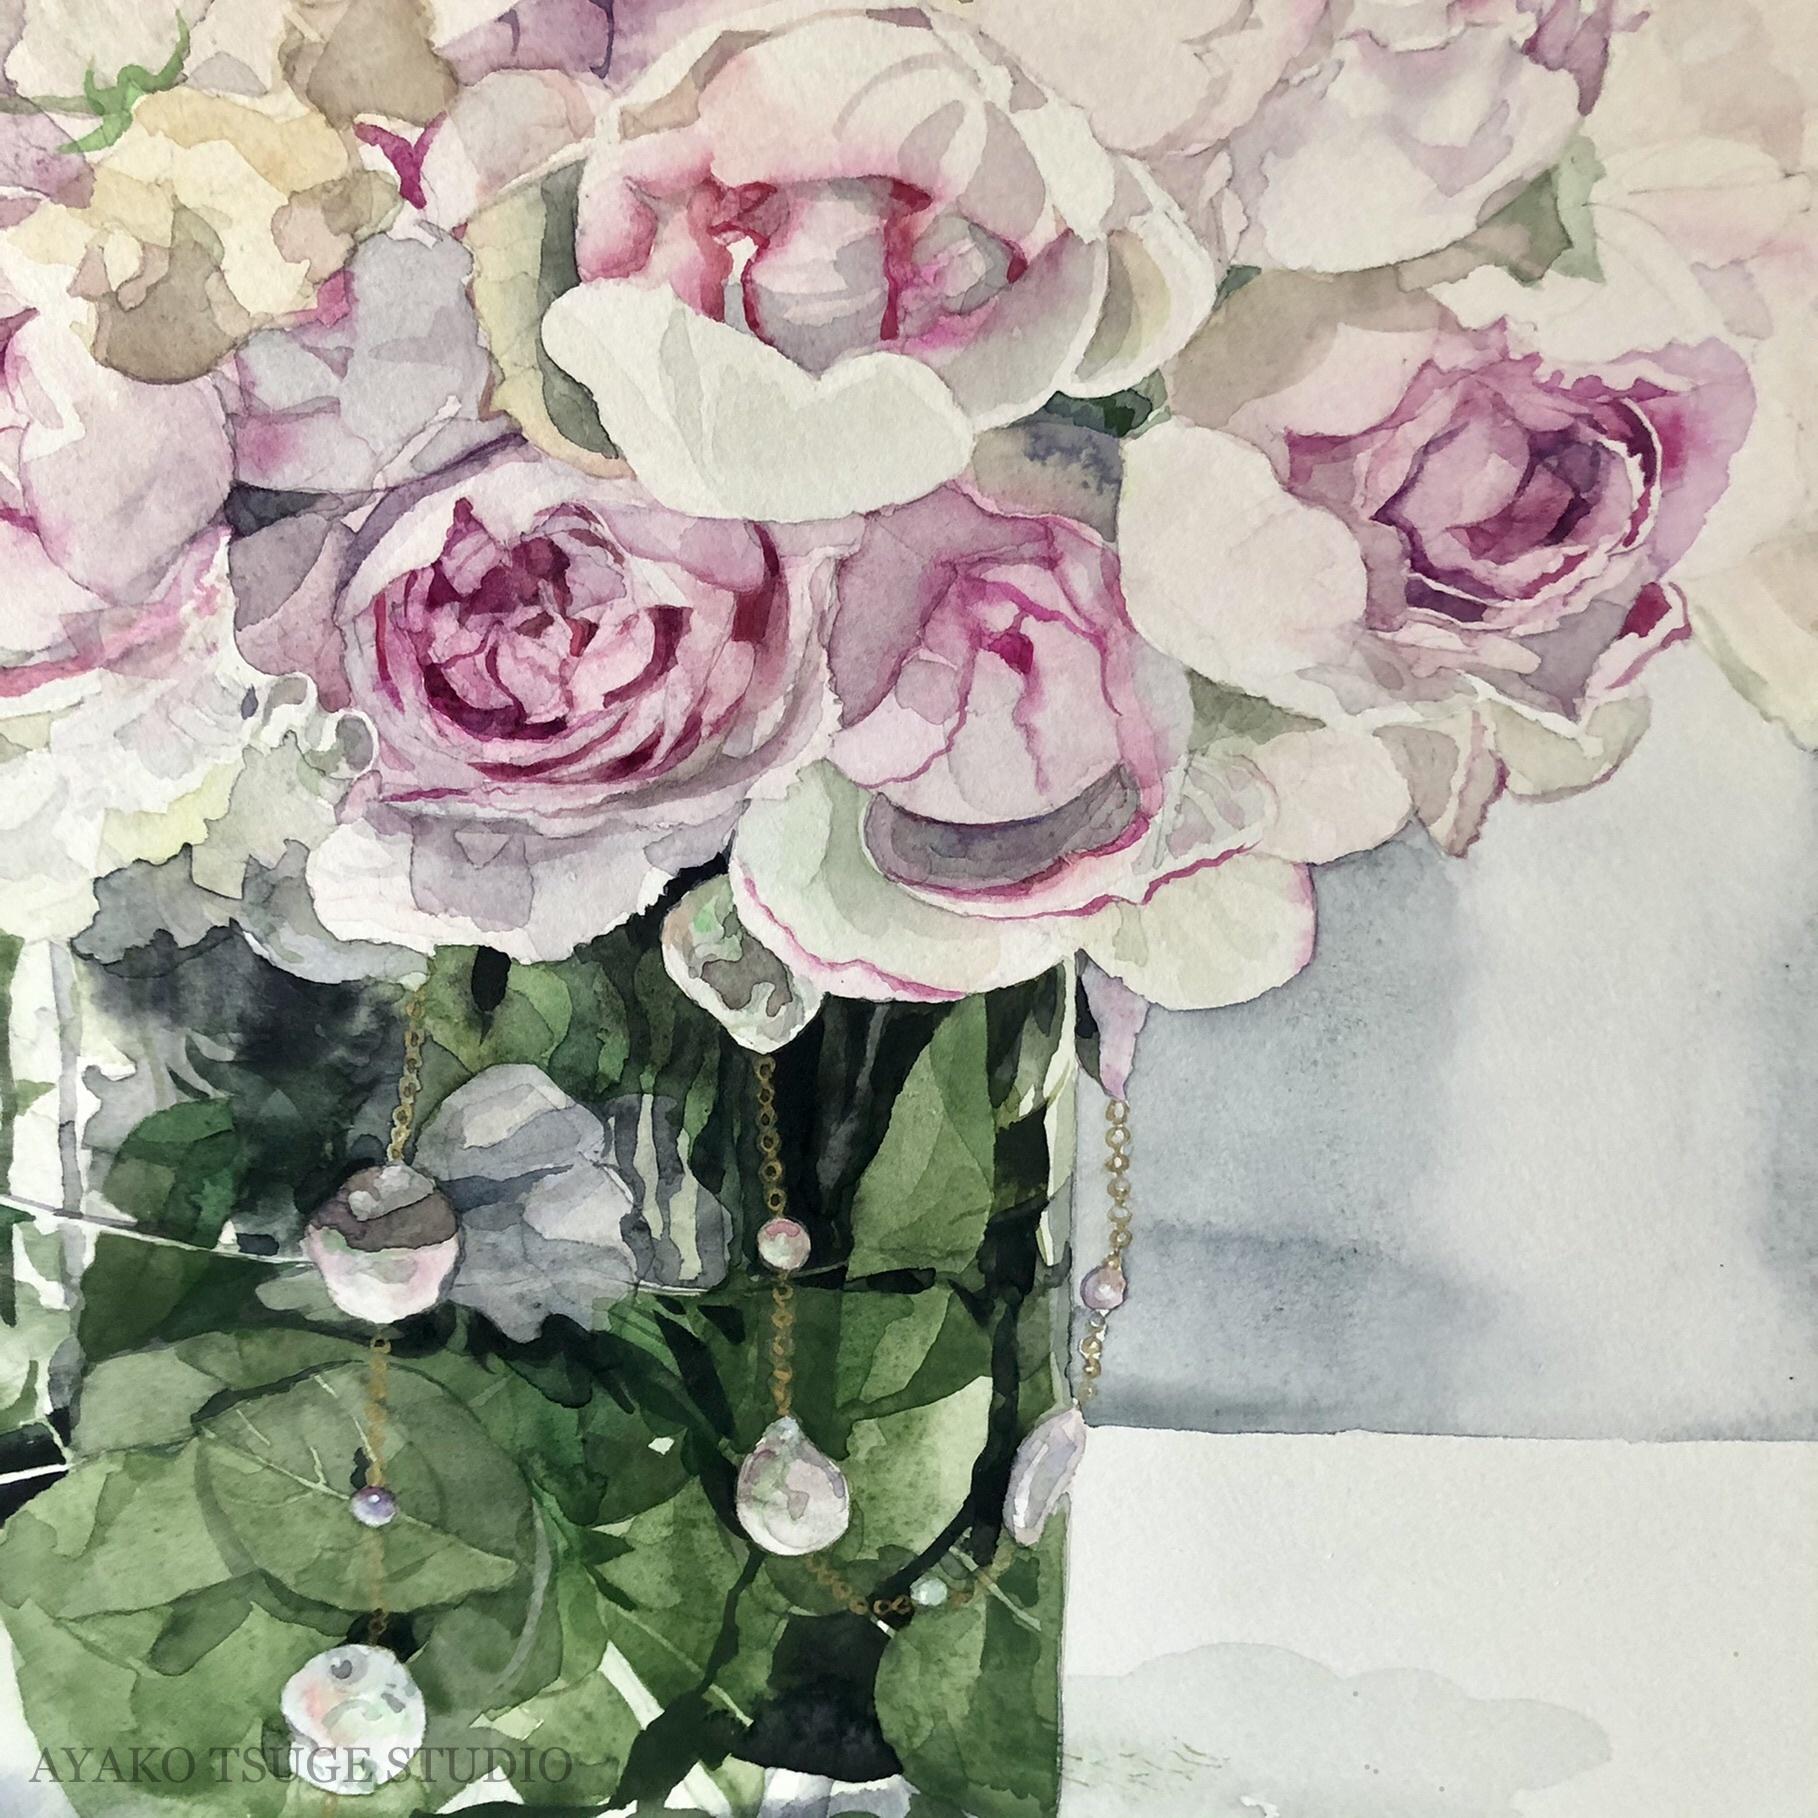 単発参加 東京水彩サロン 季節のバラのブーケとキャンドルorビジューを描く全6回